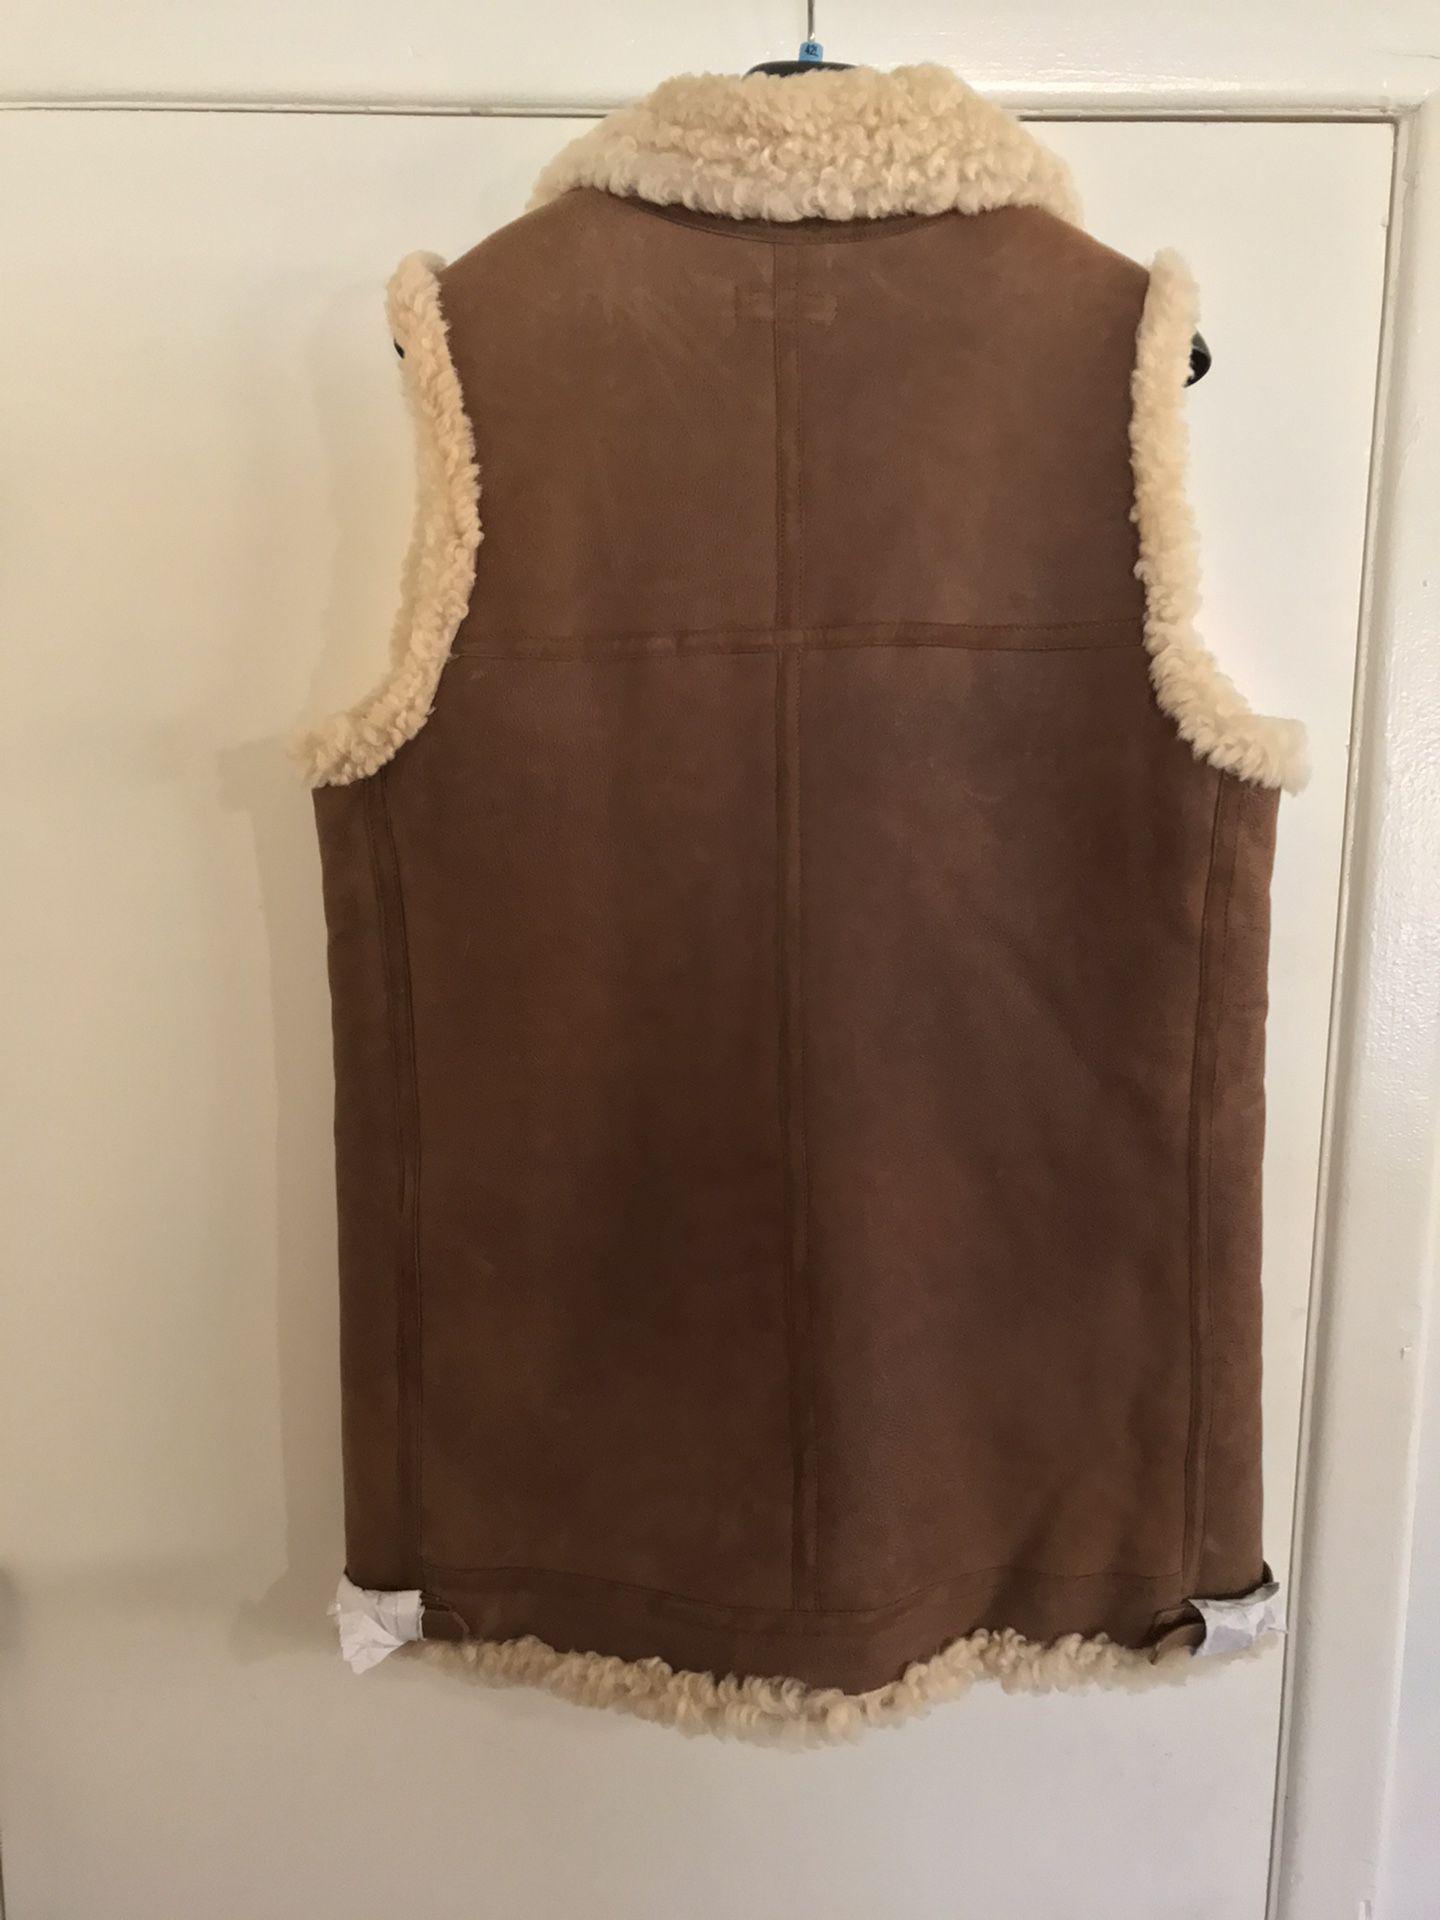 Polo 🐎 Ralph Lauren 🇺🇸 Fur & Leather Vest Sz Medium